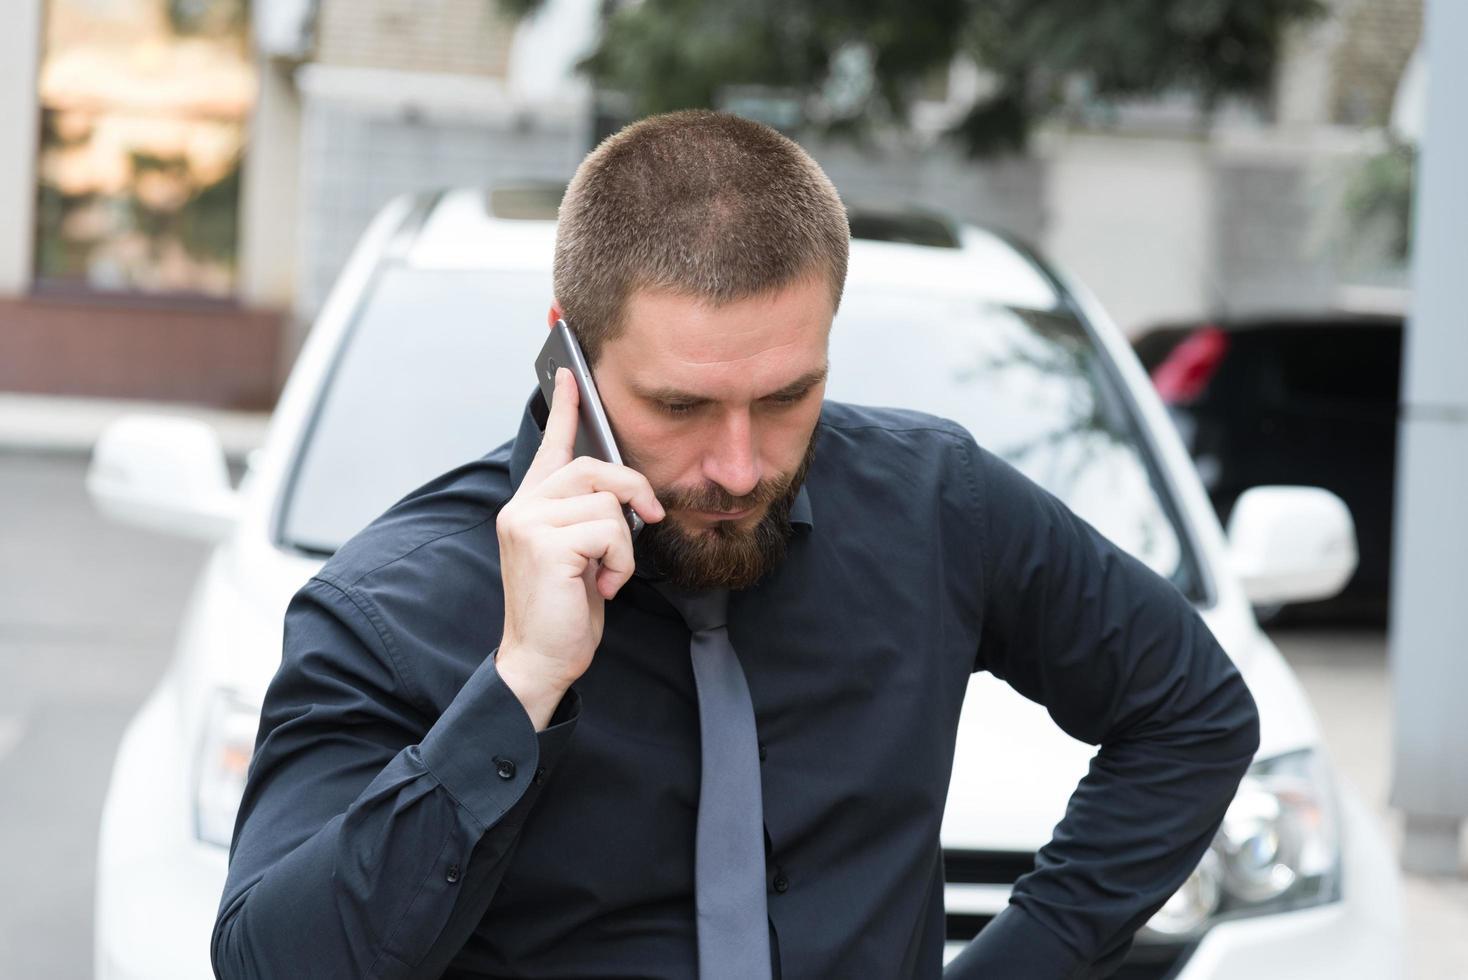 uomo che parla al telefono vicino a un'auto foto